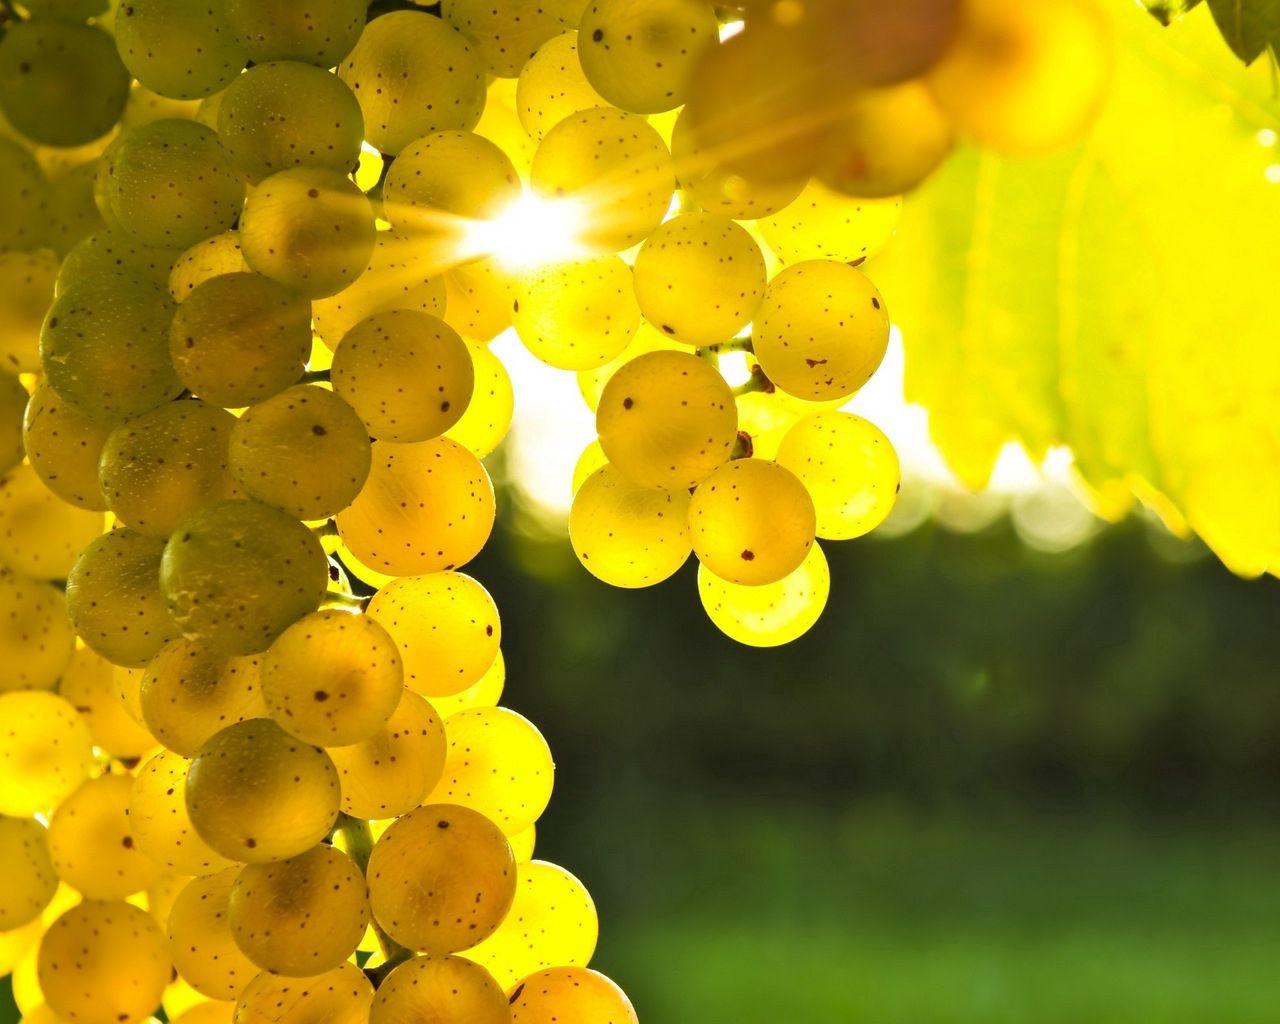 147952 скачать обои Виноград, Еда, Солнце, Свет, Желтый, Лоза - заставки и картинки бесплатно